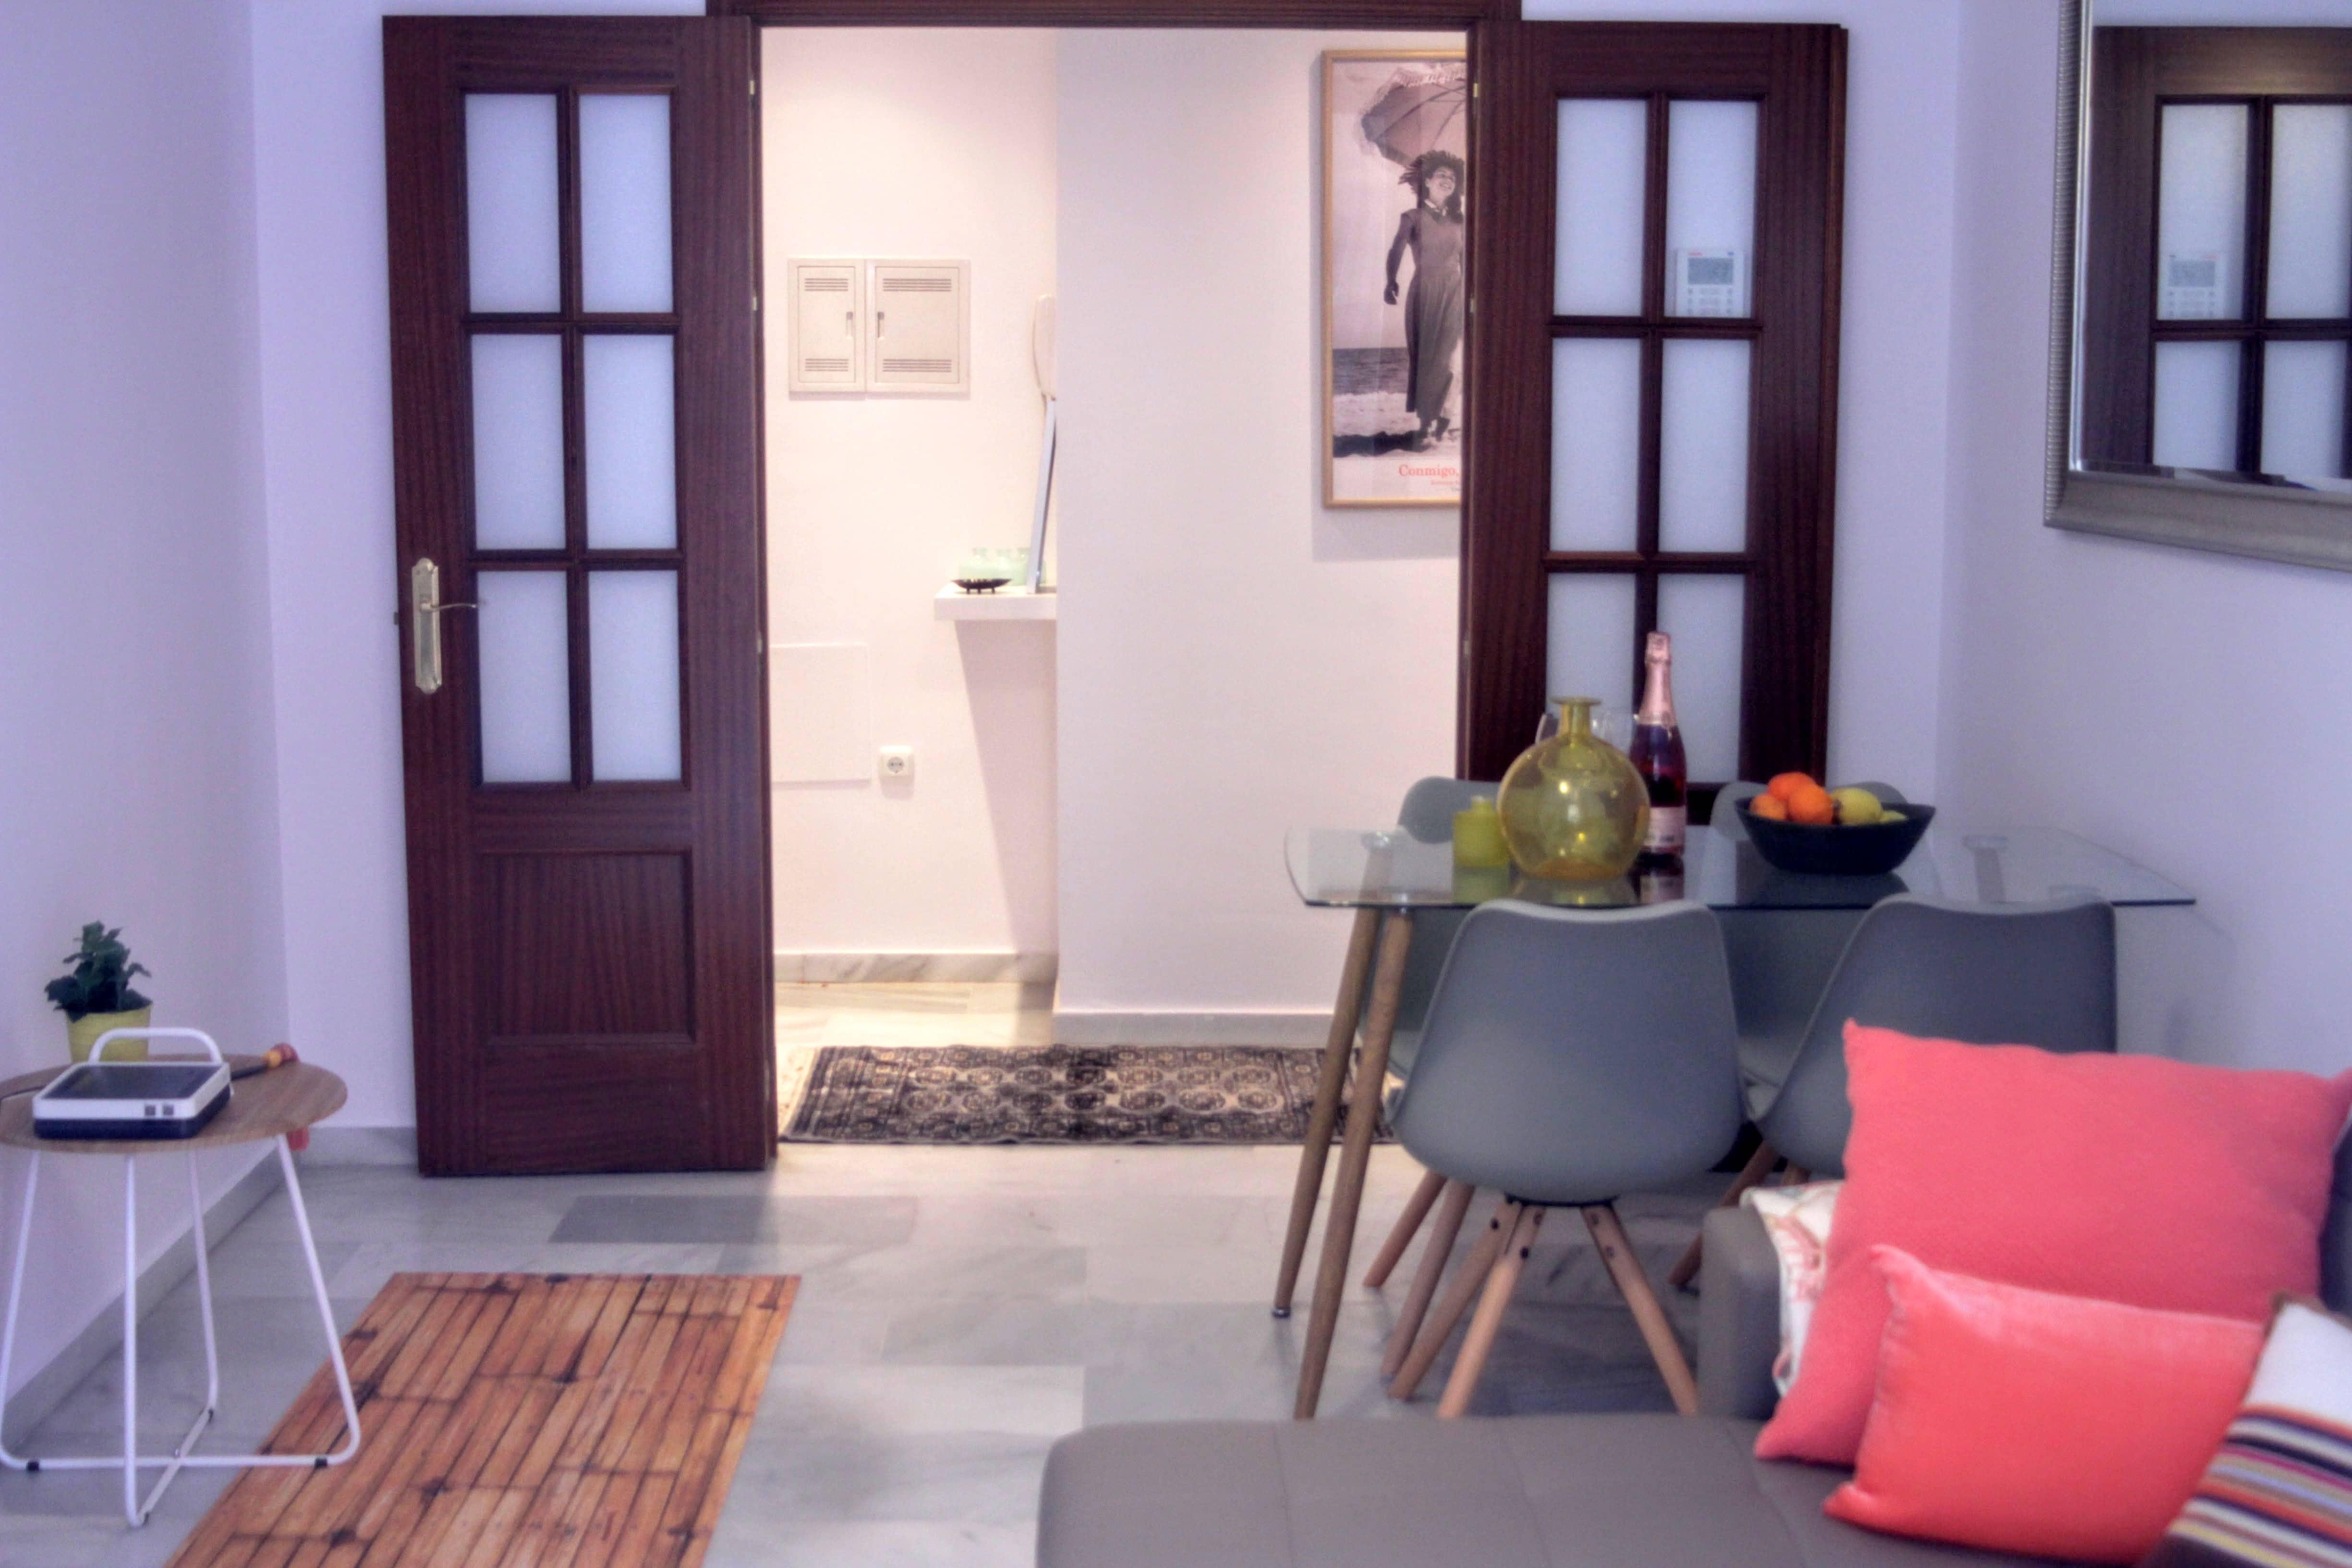 apartamento-centro-historico-atarazana5830